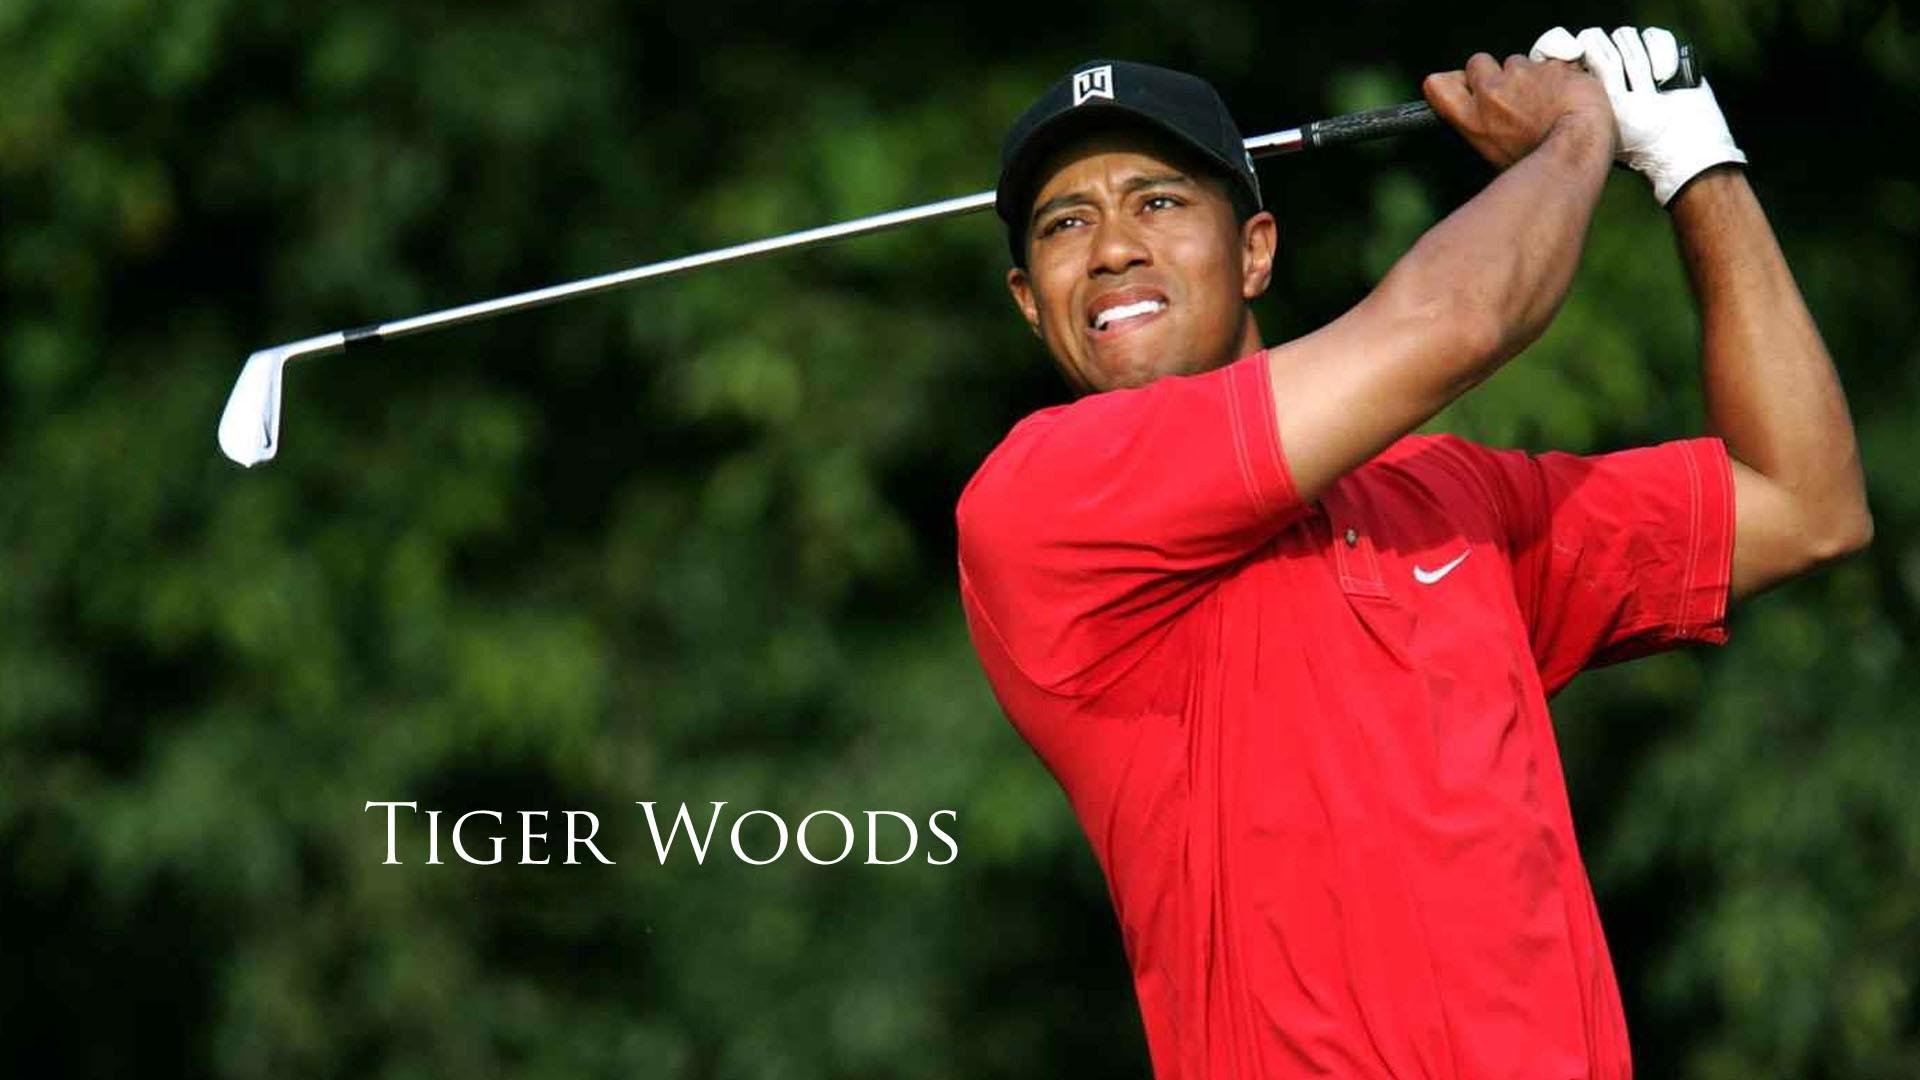 Tiger woods background - Tiger woods desktop wallpaper ...